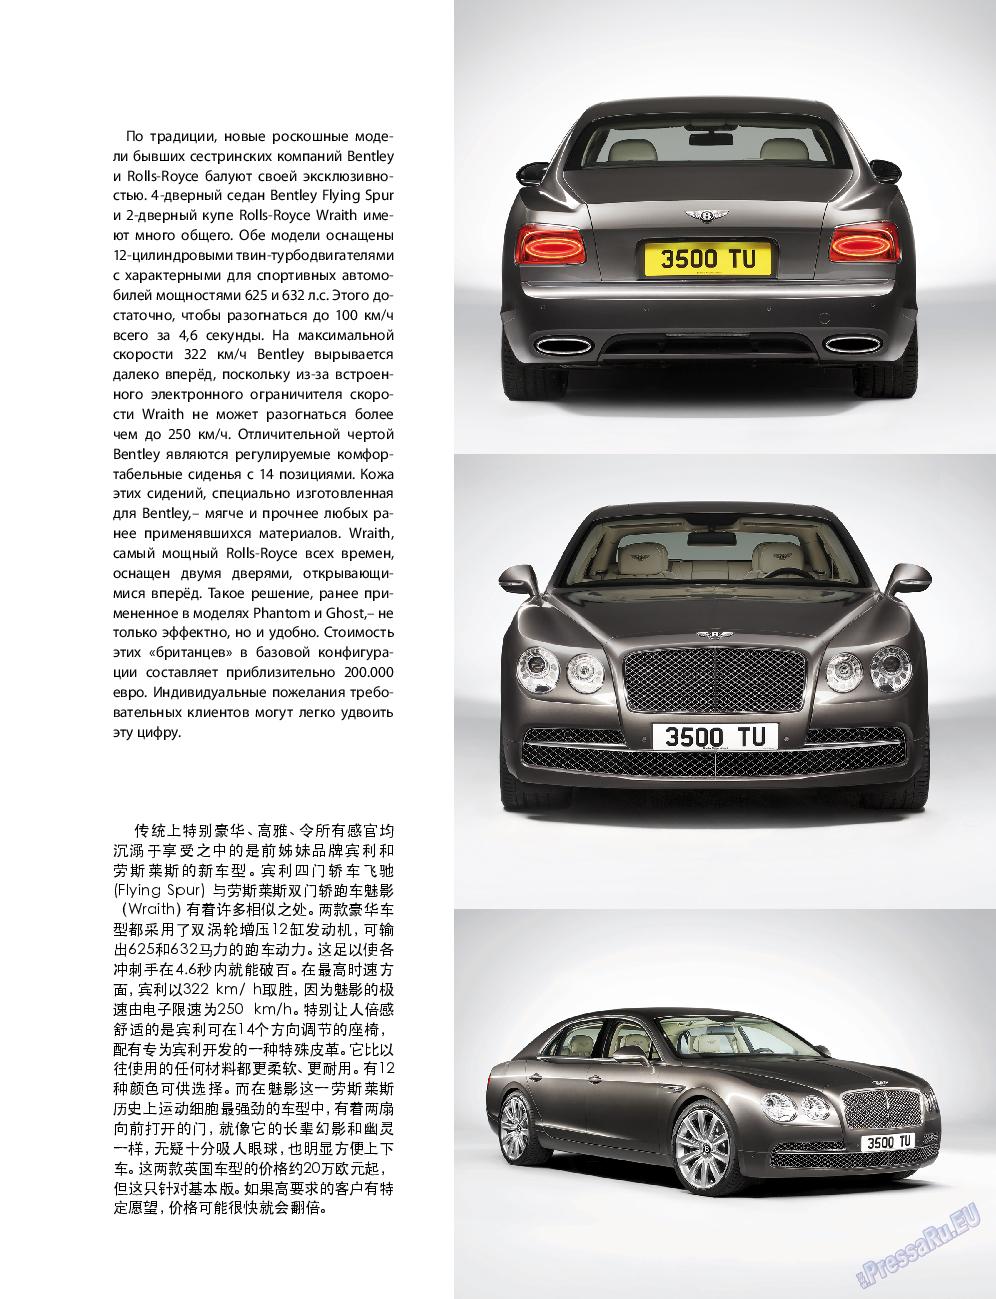 Клан (журнал). 2013 год, номер 4, стр. 33